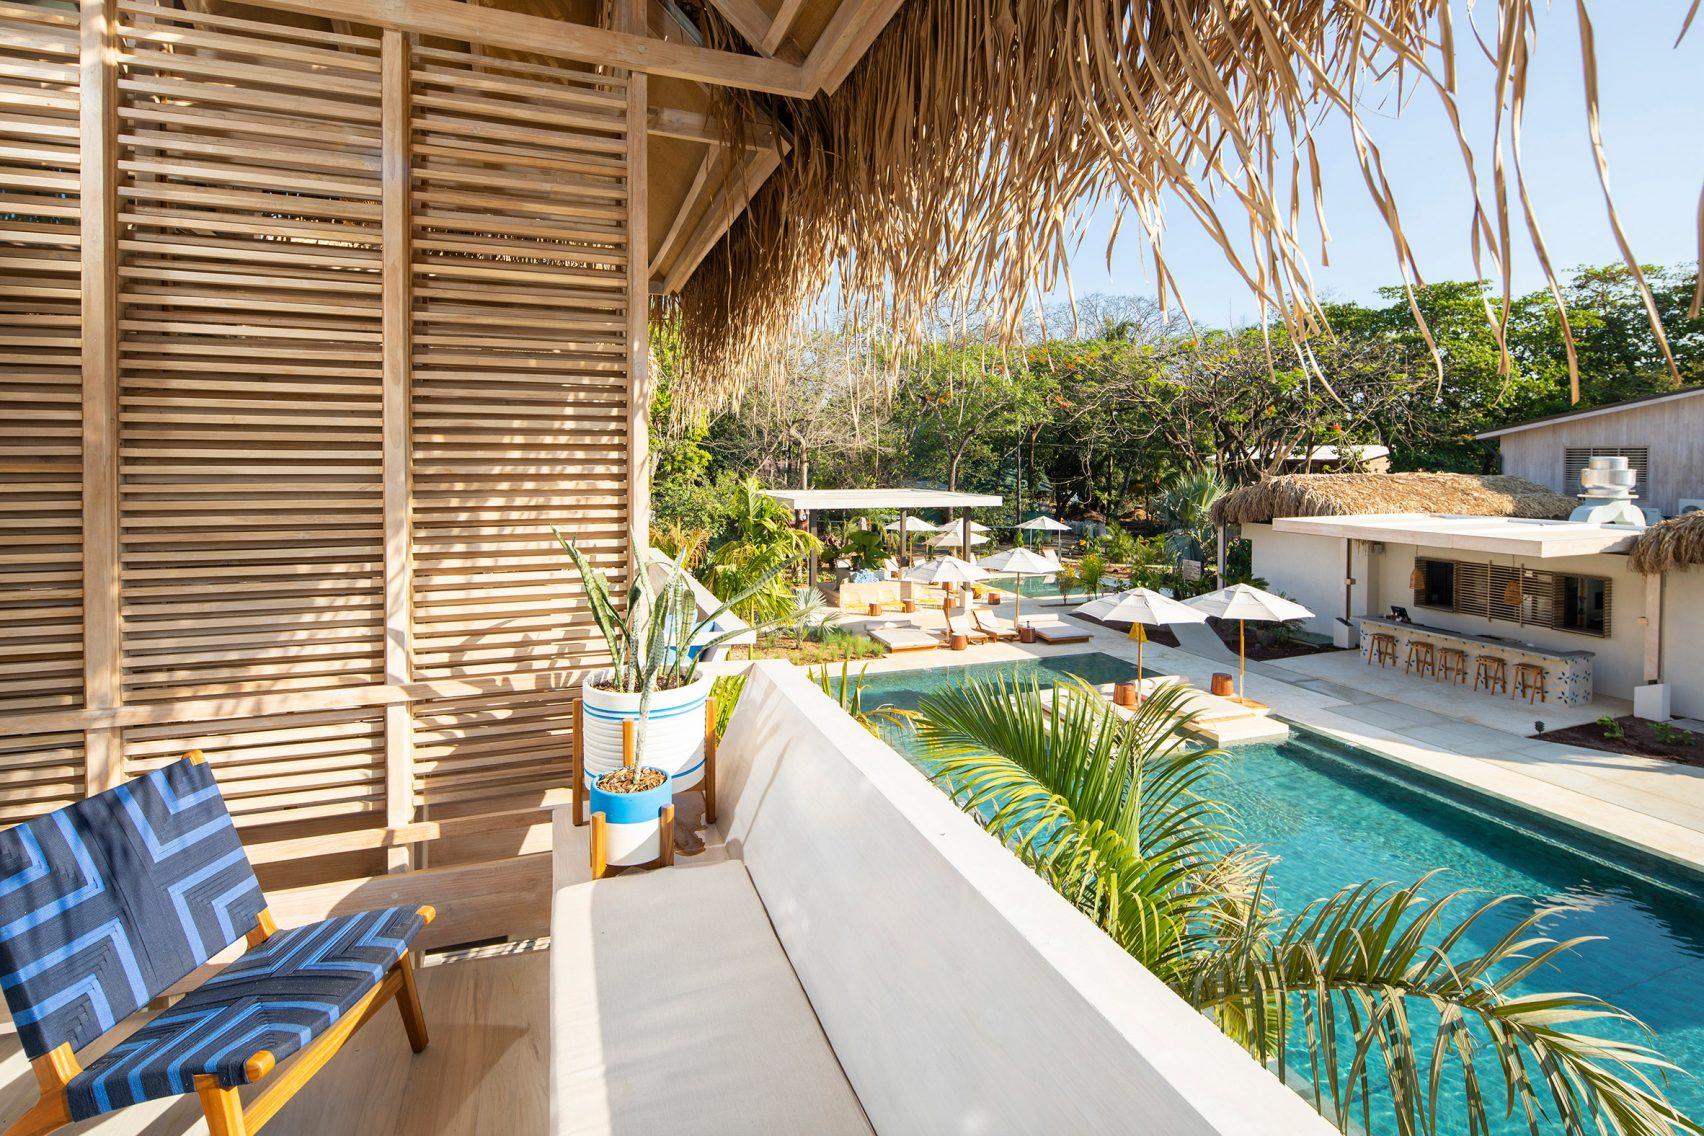 Thiết kế sân vườn Resort 4